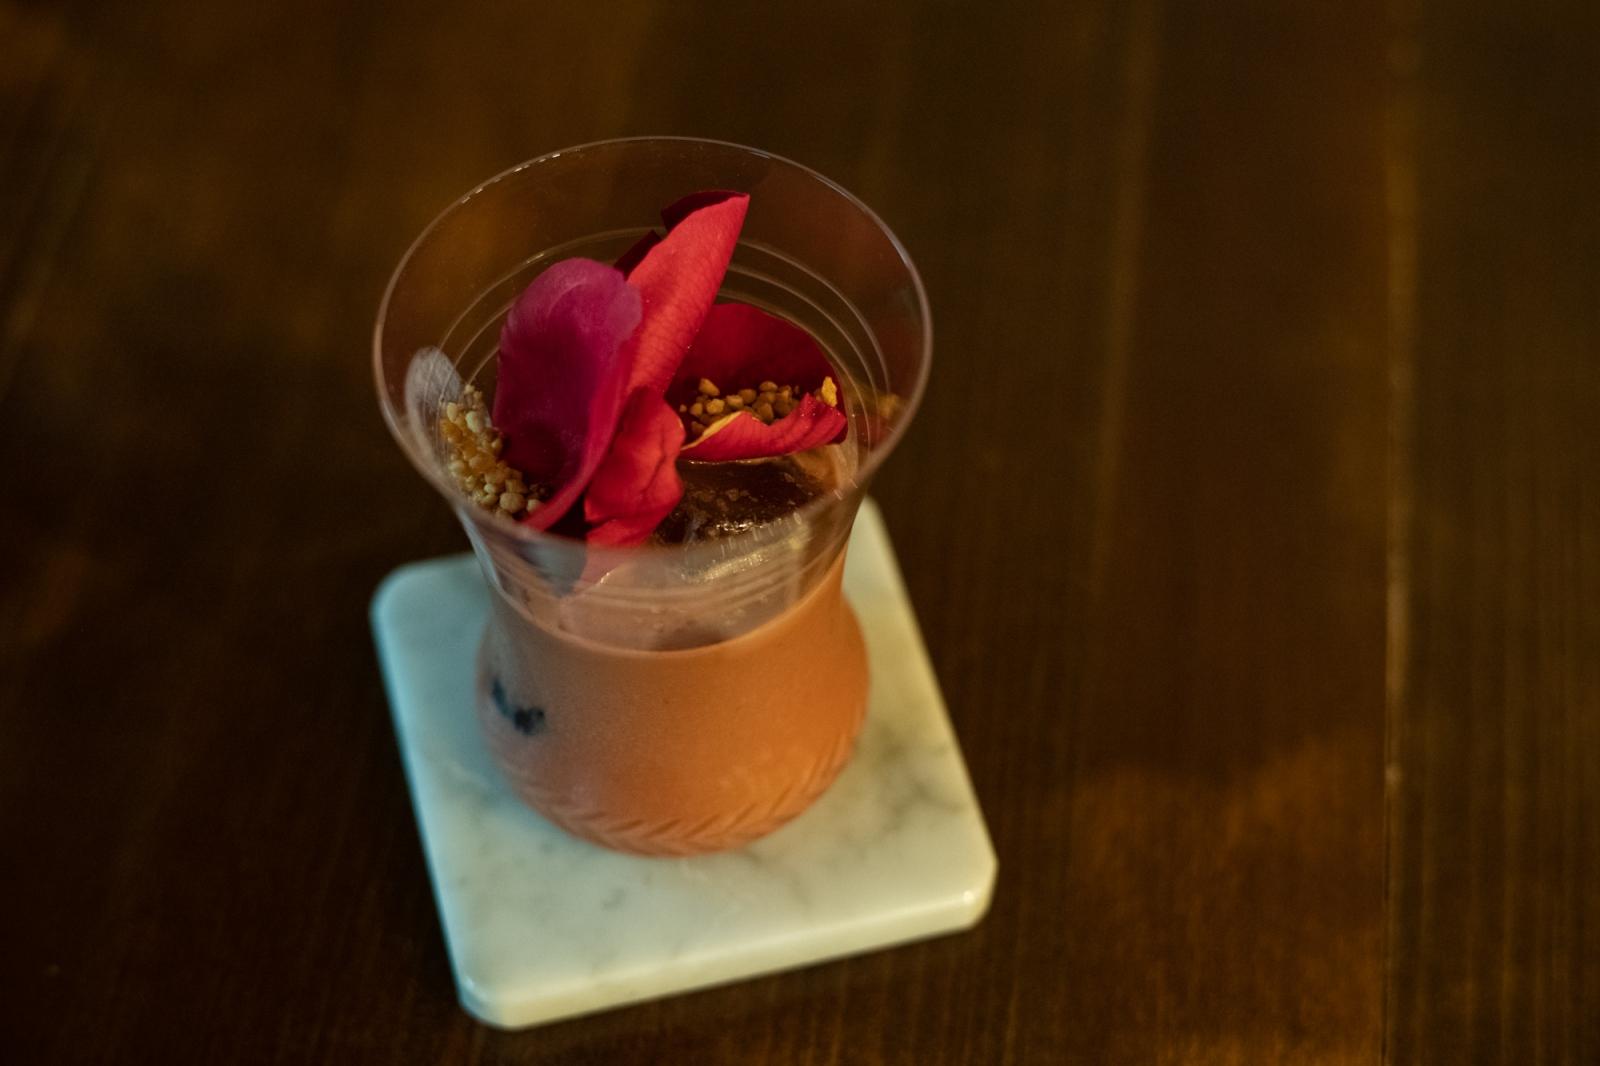 シリーズ「酒とカカオと」Vol.2 CACAOTAIL萩原陽介さん カカオ、チョコレートの魅力はみんなを笑顔にさせること。癒しの時間を過ごして欲しい。